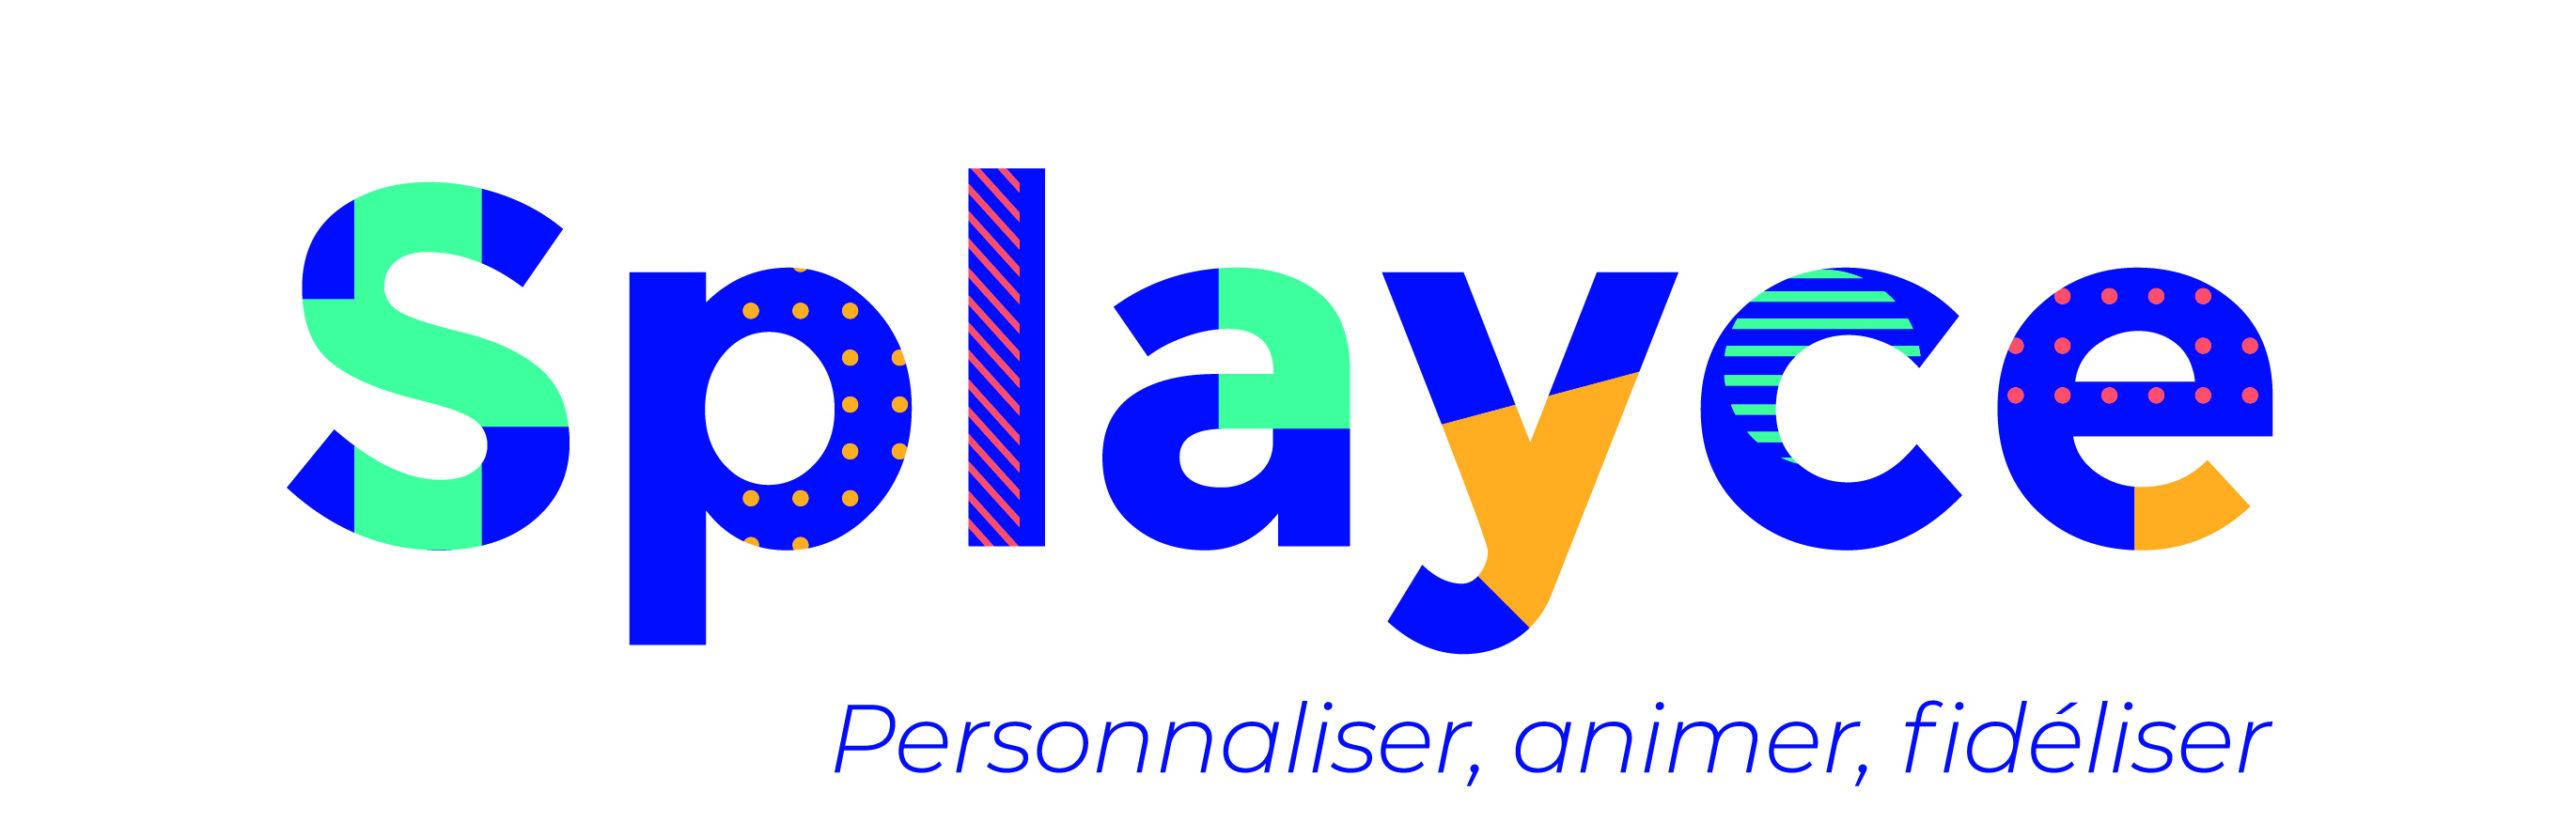 logo_SPLAYCE_Baseline-cmjn-01